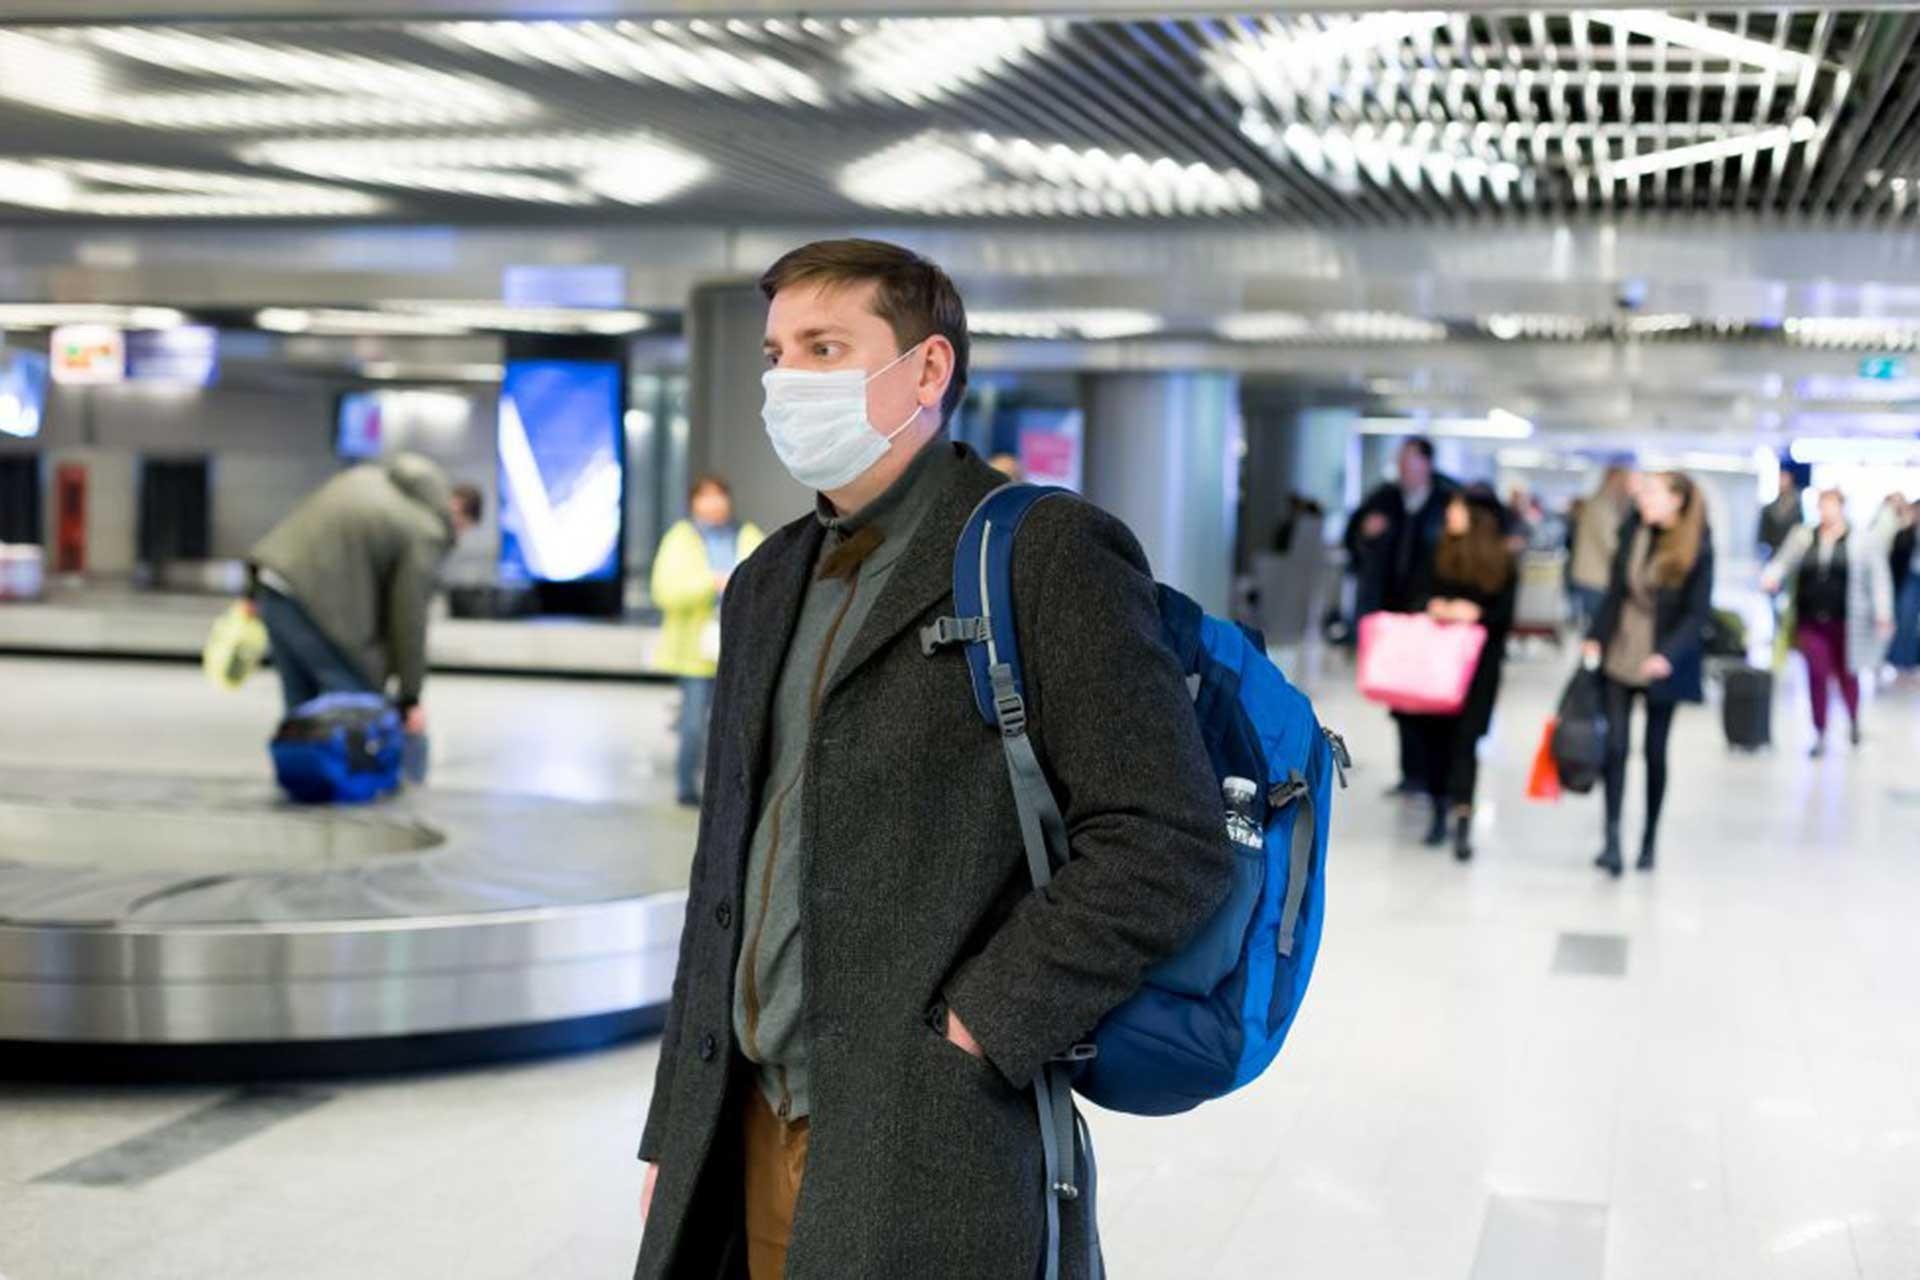 Koronavirüsten korunmak için maske takan bir kişi.